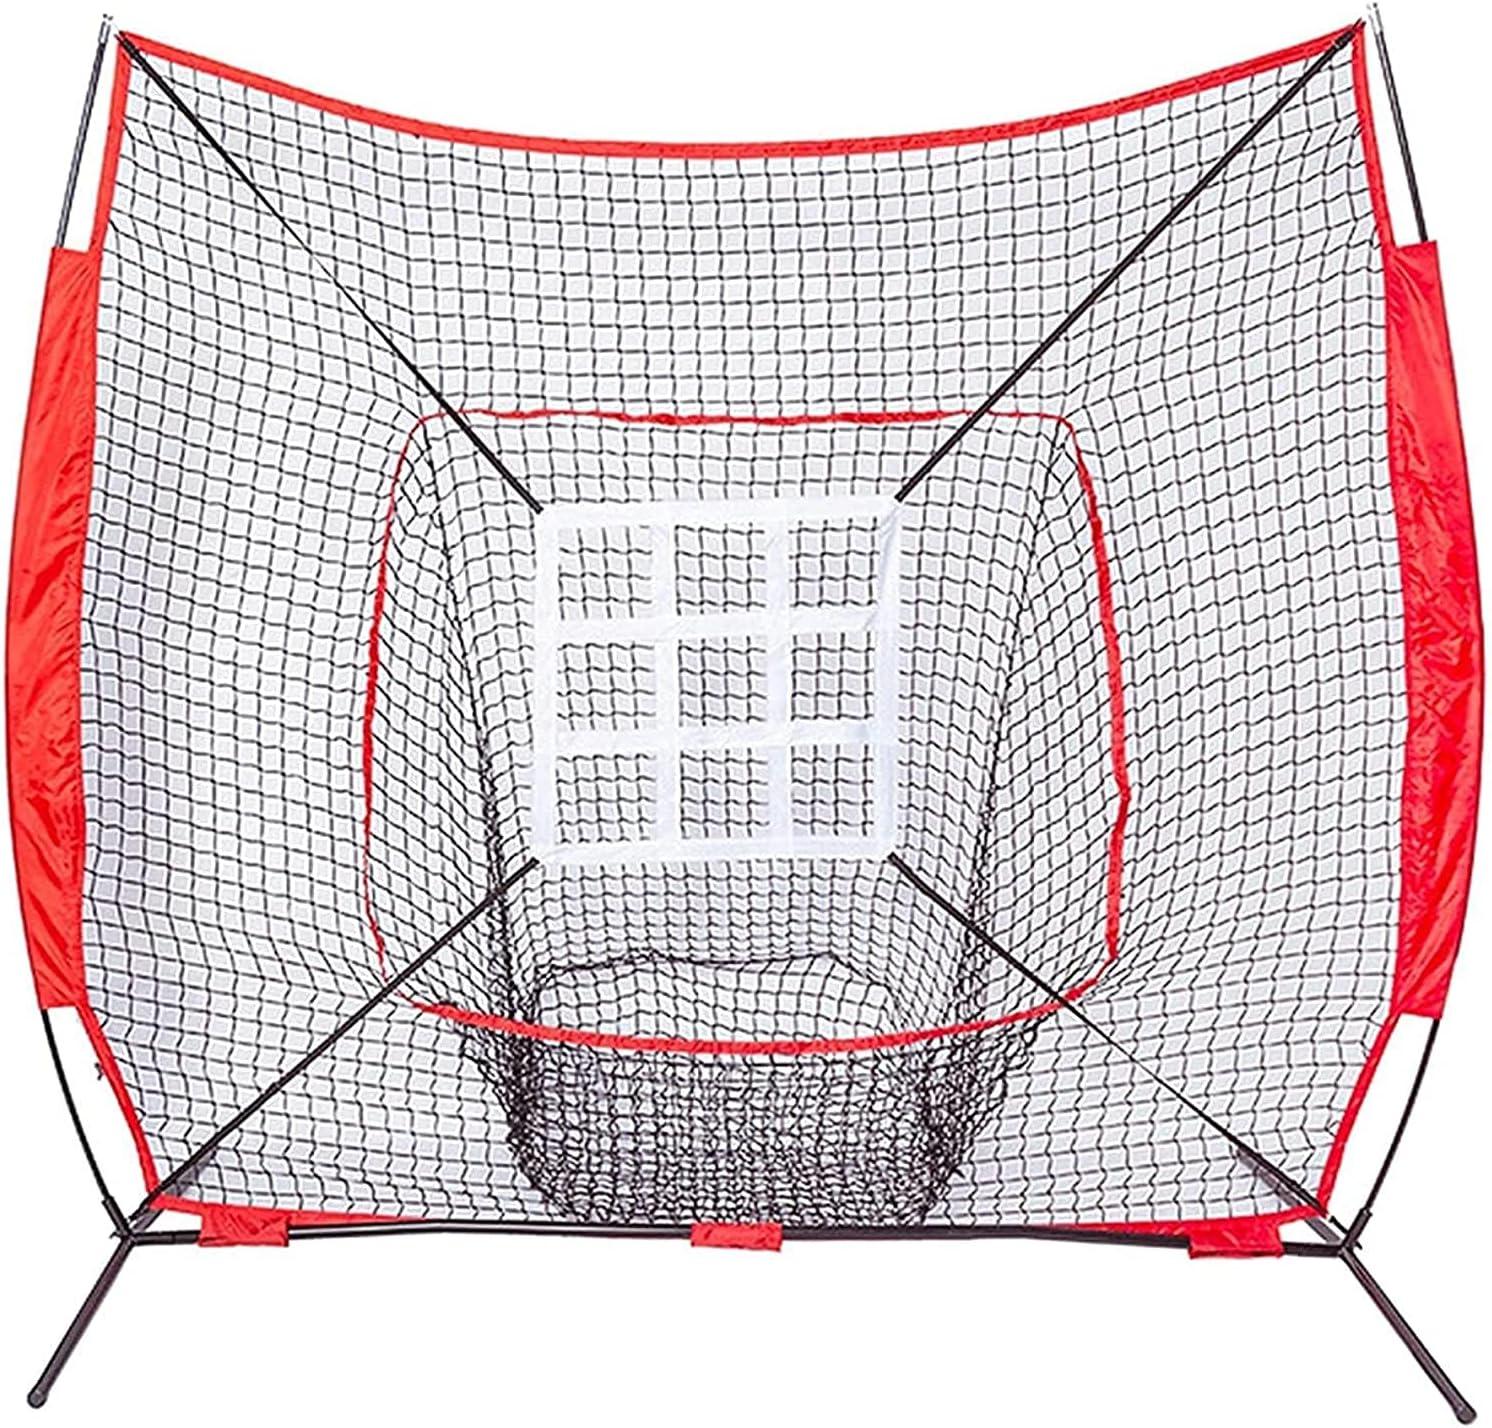 RDJSHOP Golf Nets Mats Baseball P Practice Softball Net Over item handling ☆ Max 81% OFF